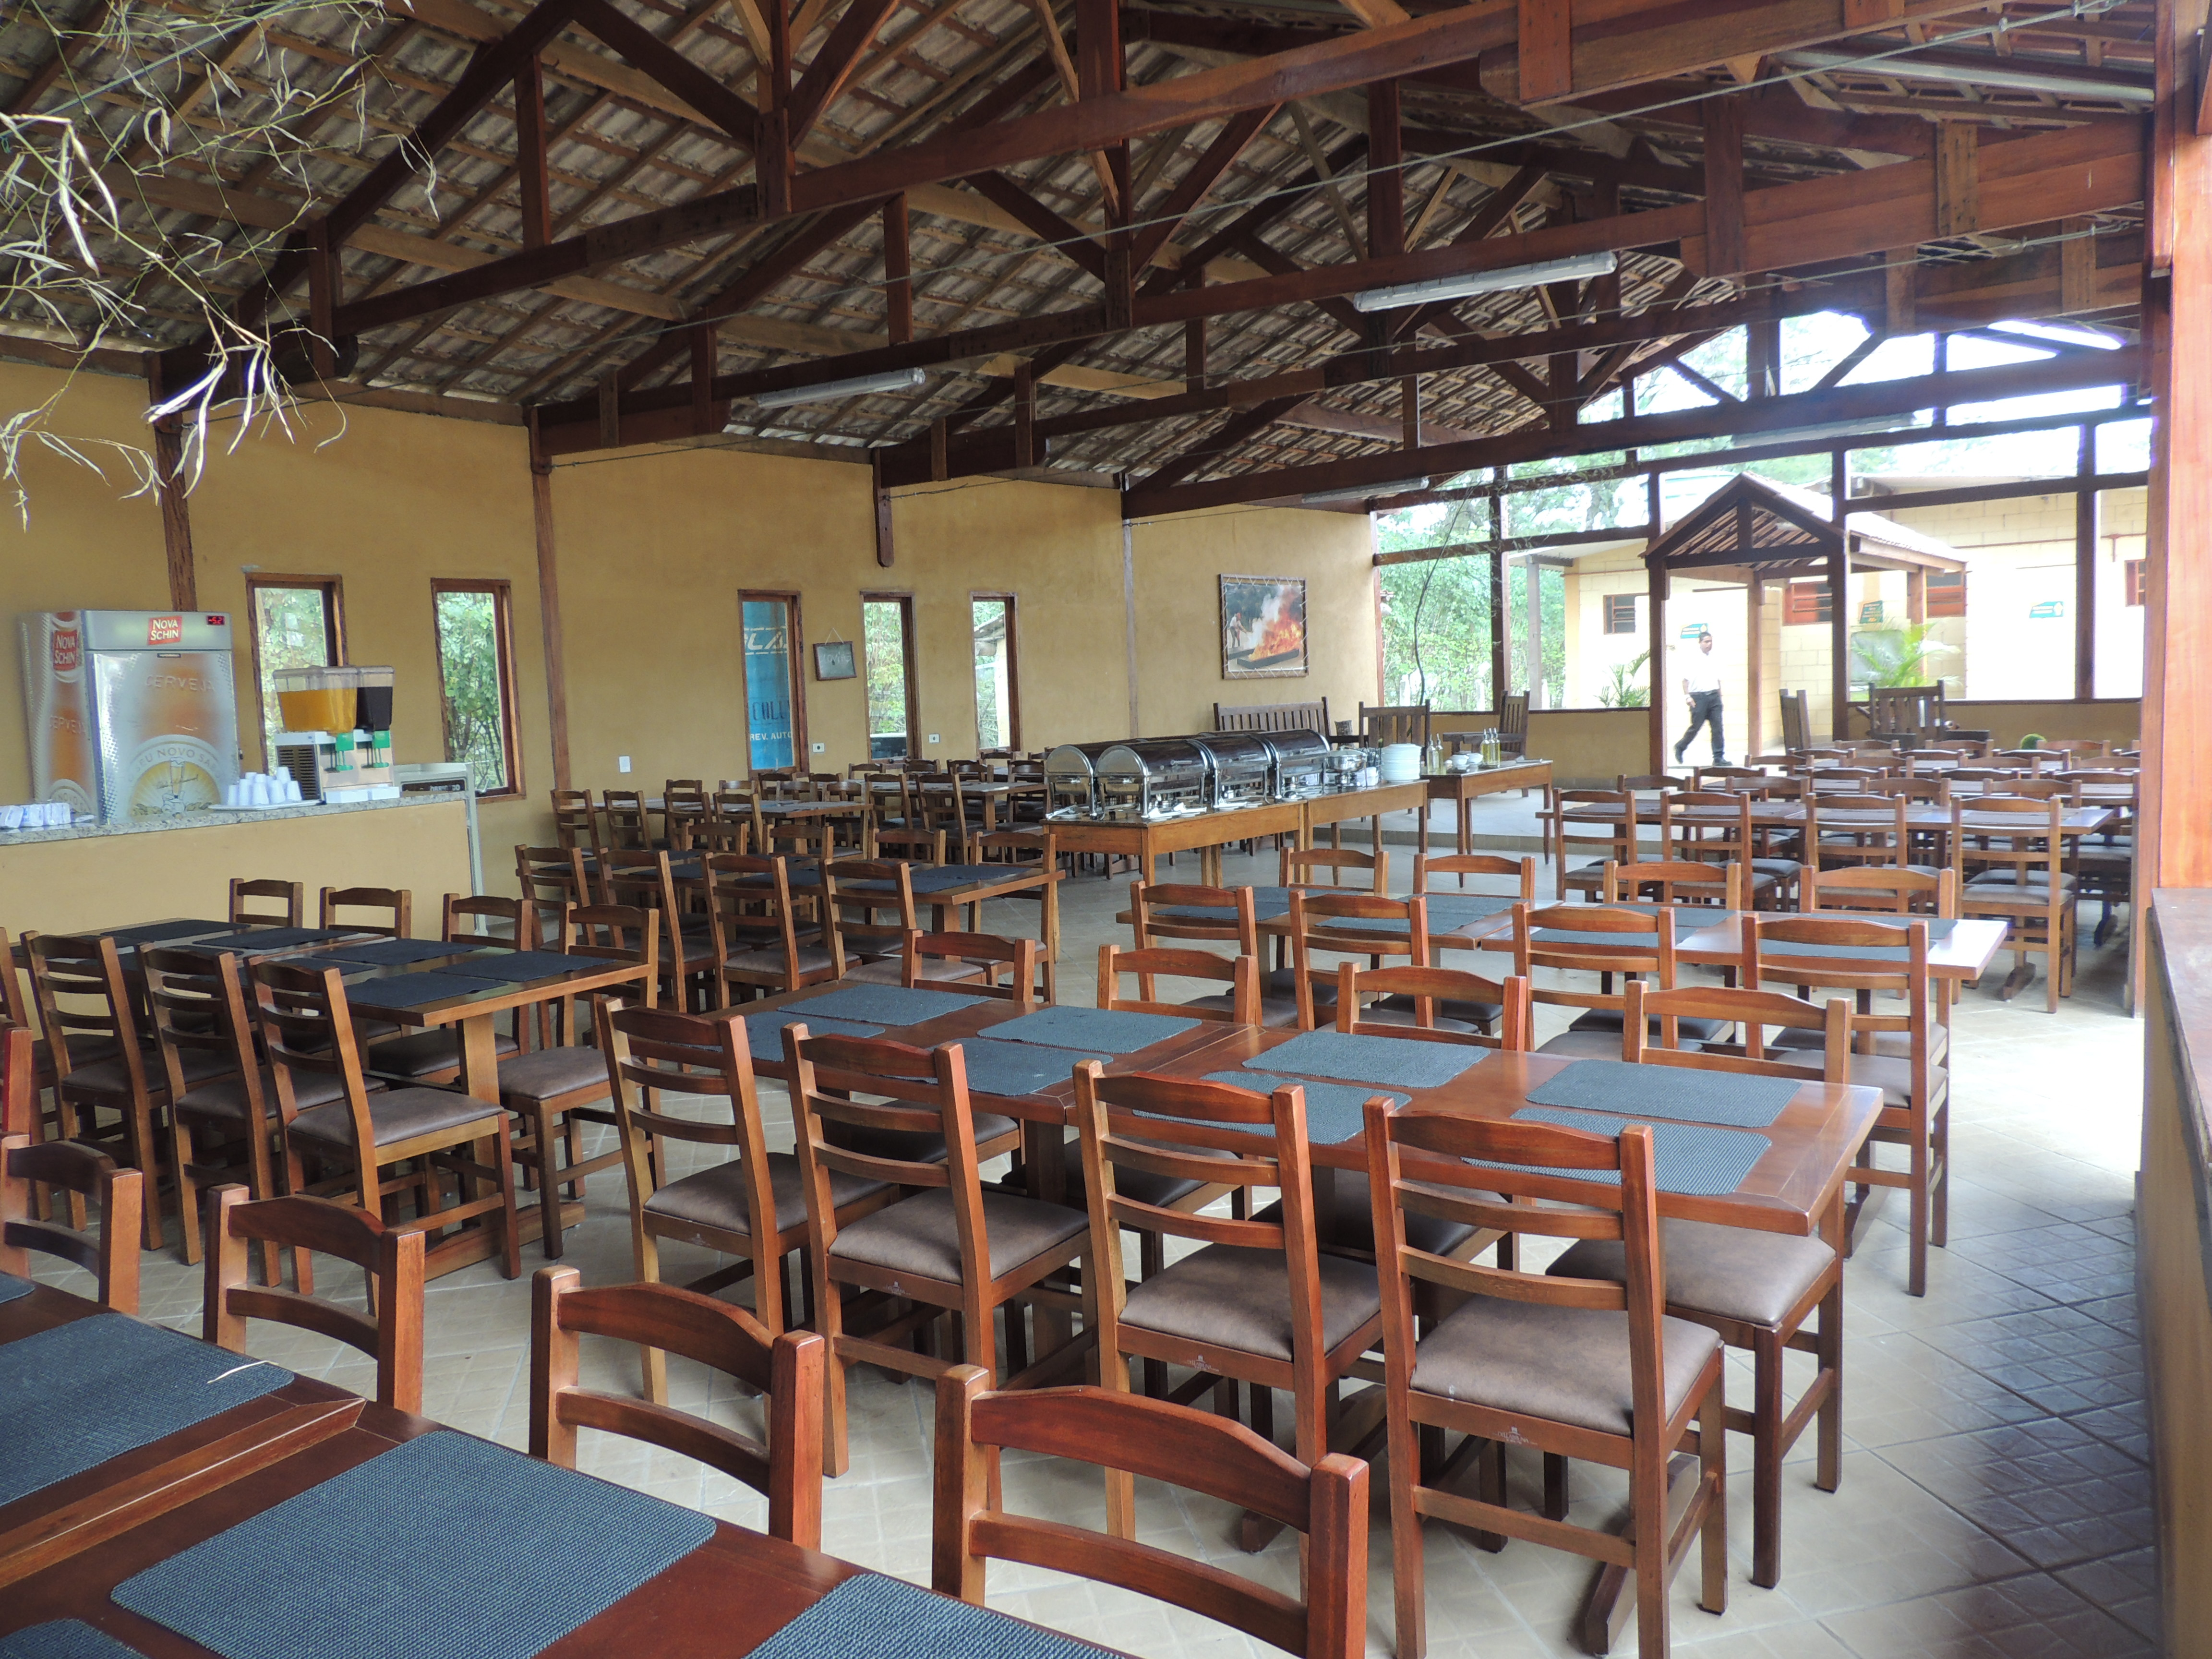 CENTRO DE TREINAMENTO  MOGI DAS CRUZES - Restaurante Mogi das Cruzes